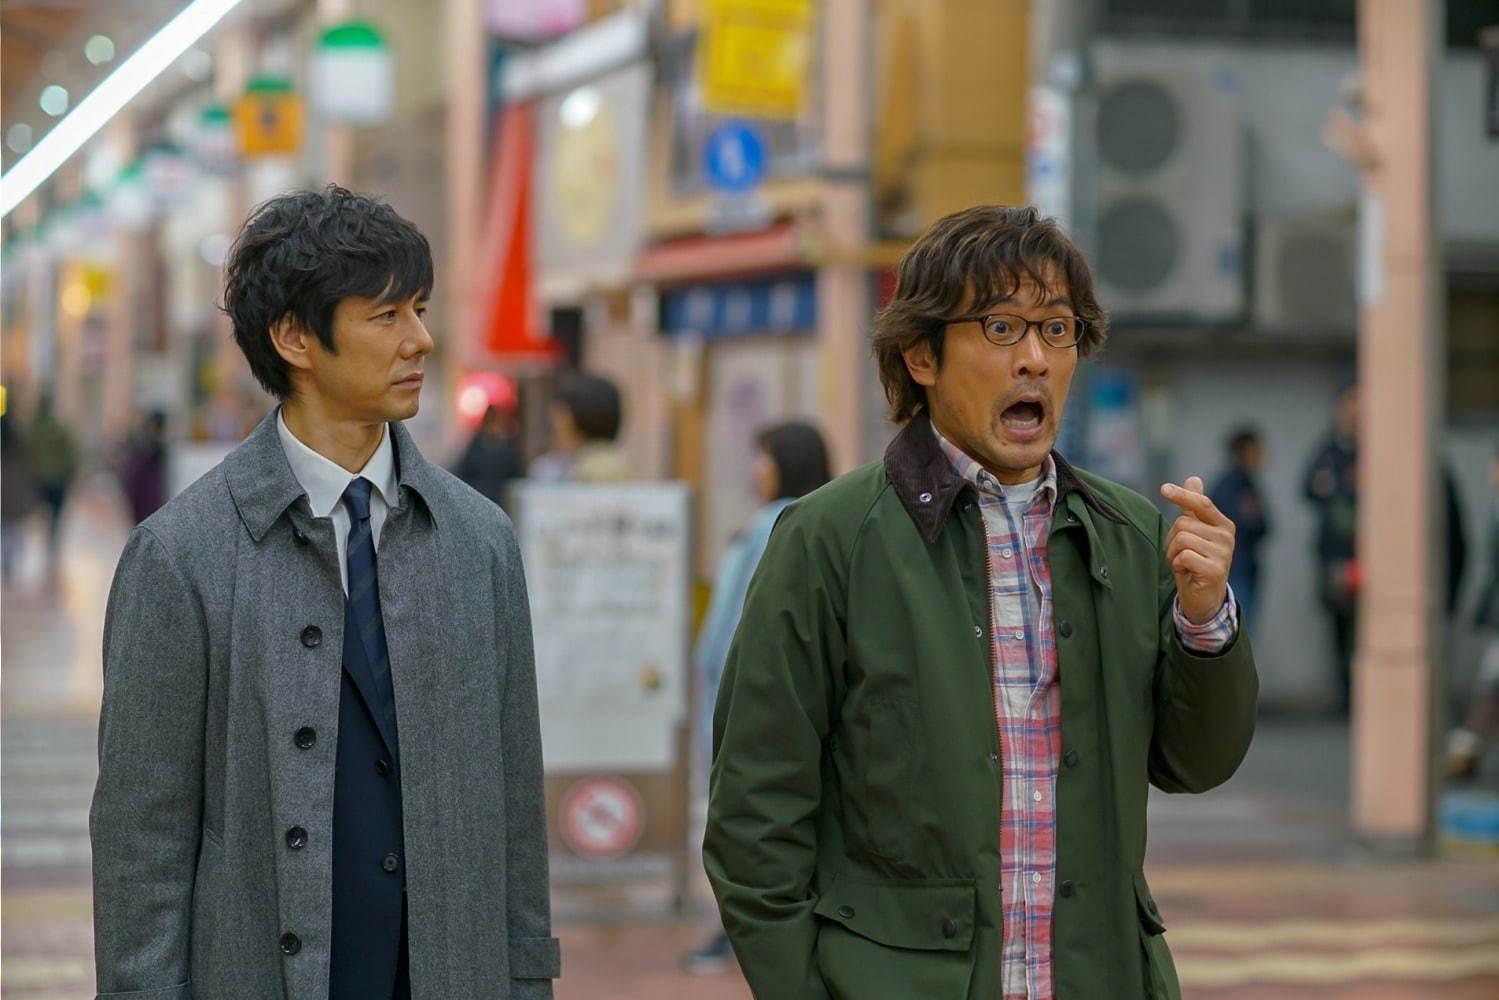 ドラマ「きのう何食べた?」展覧会が渋谷で開催【GENXY】